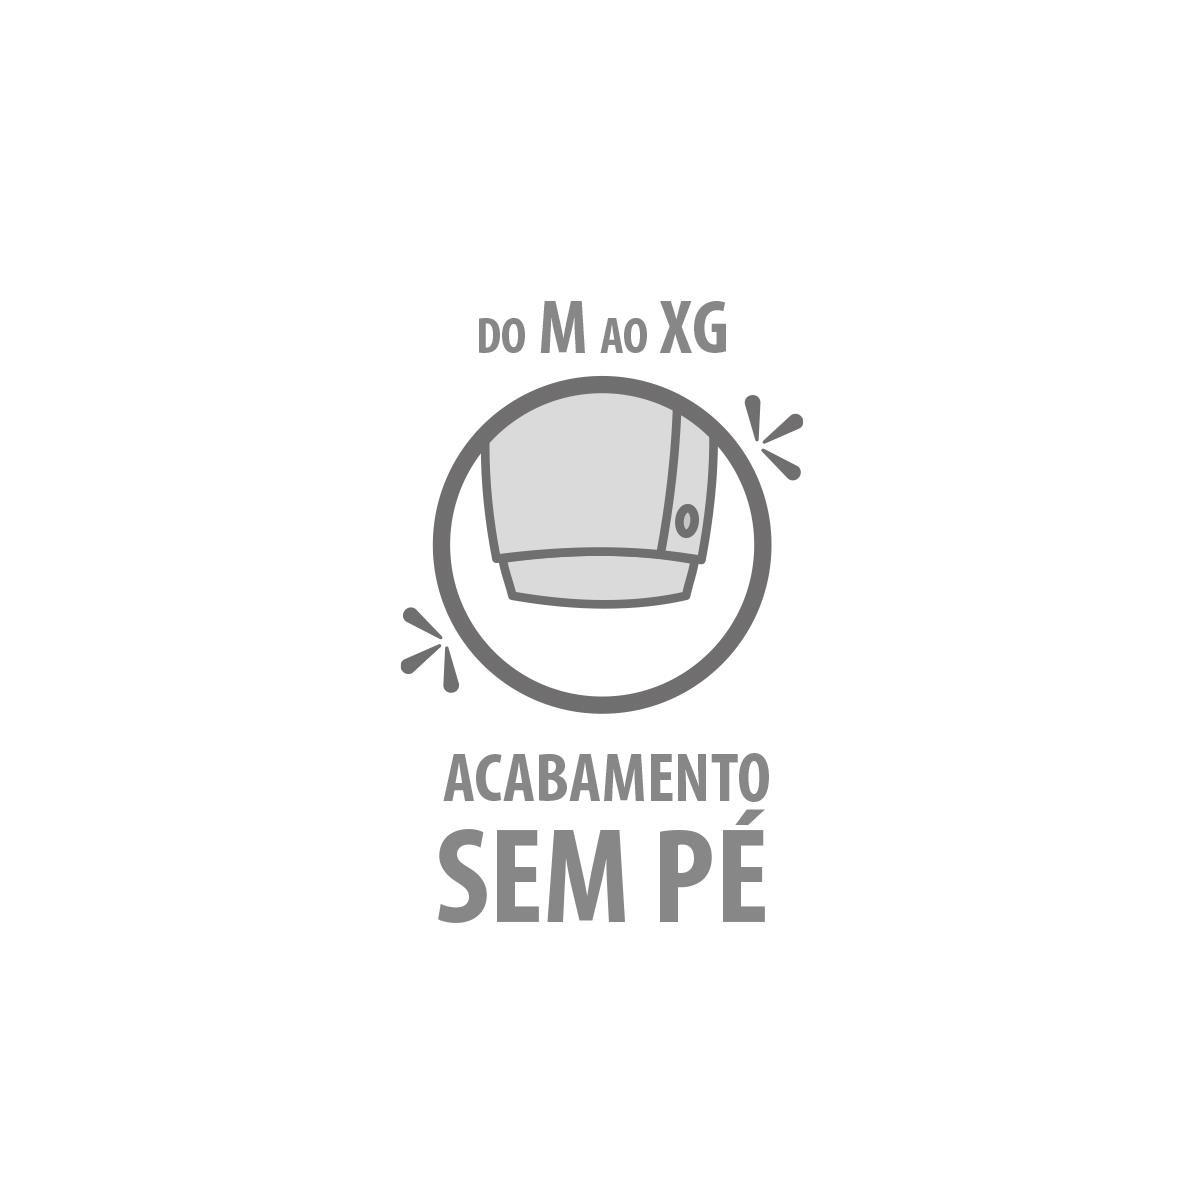 Macacão Básico Estrelinhas - Tamanhos RN e P com pezinho; M, G e XG sem pezinho  - Piu Blu